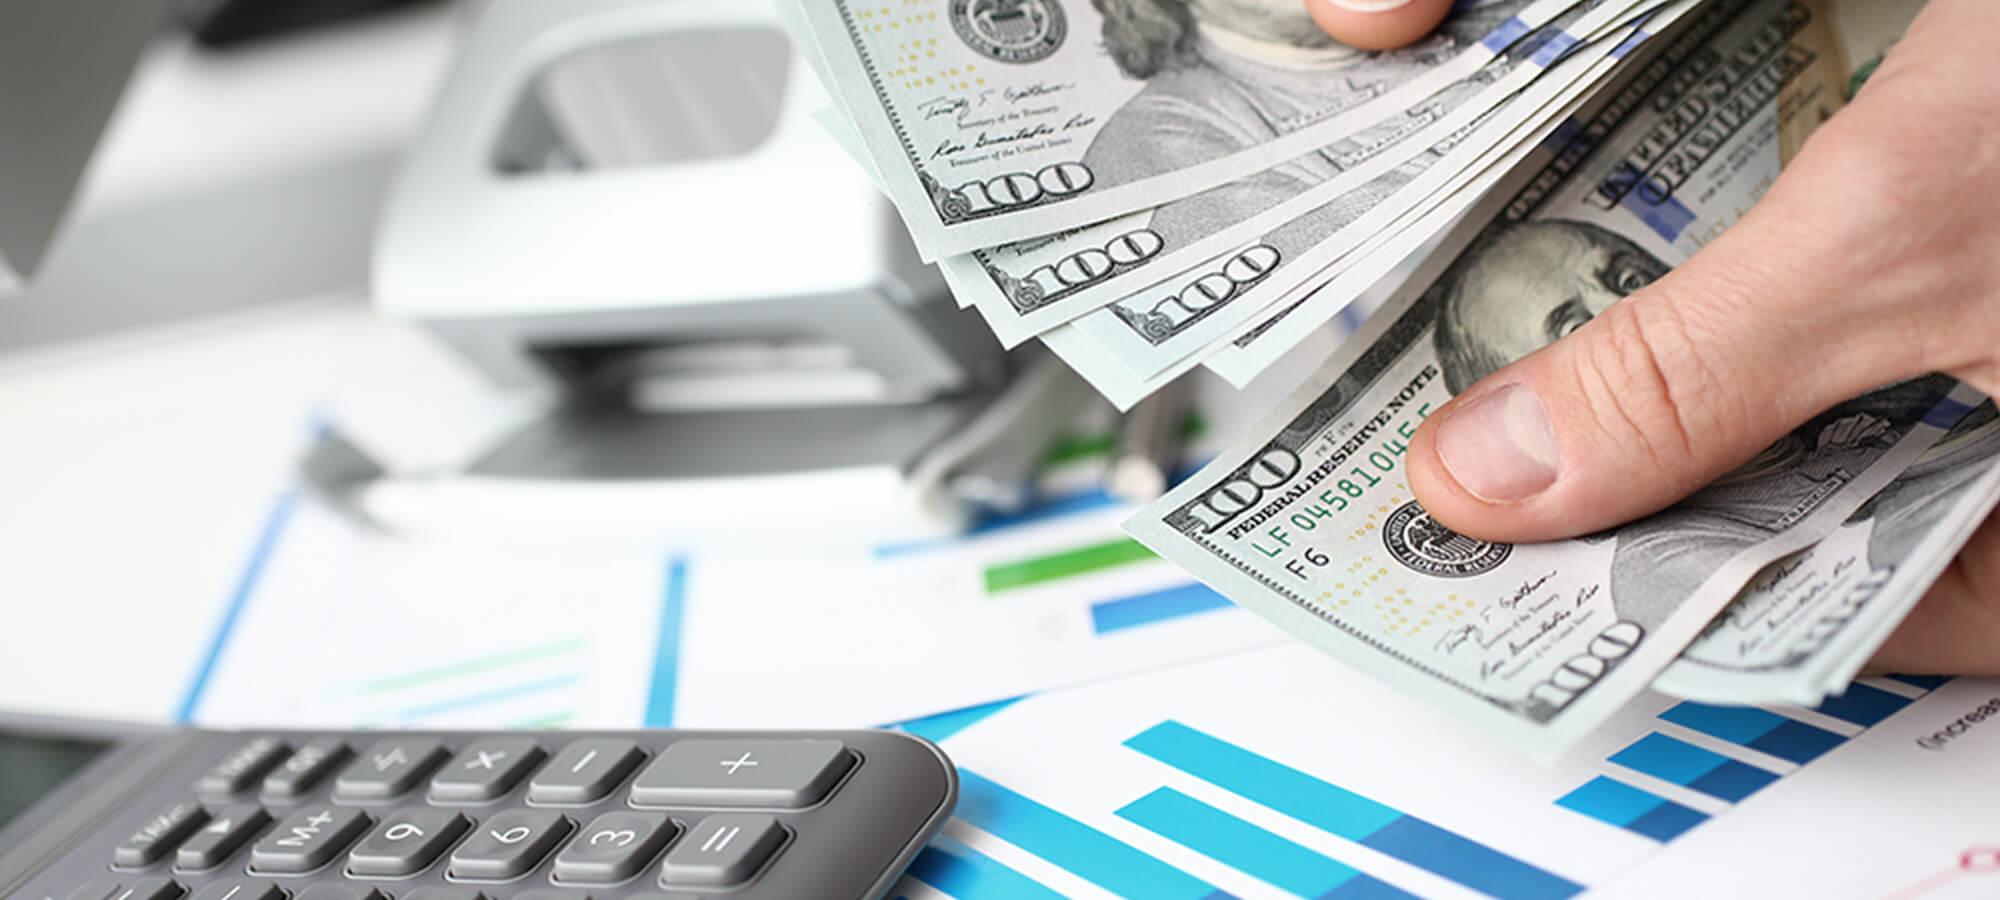 米ドルや円建で保険料を運用しながら退職金原資を積み立て